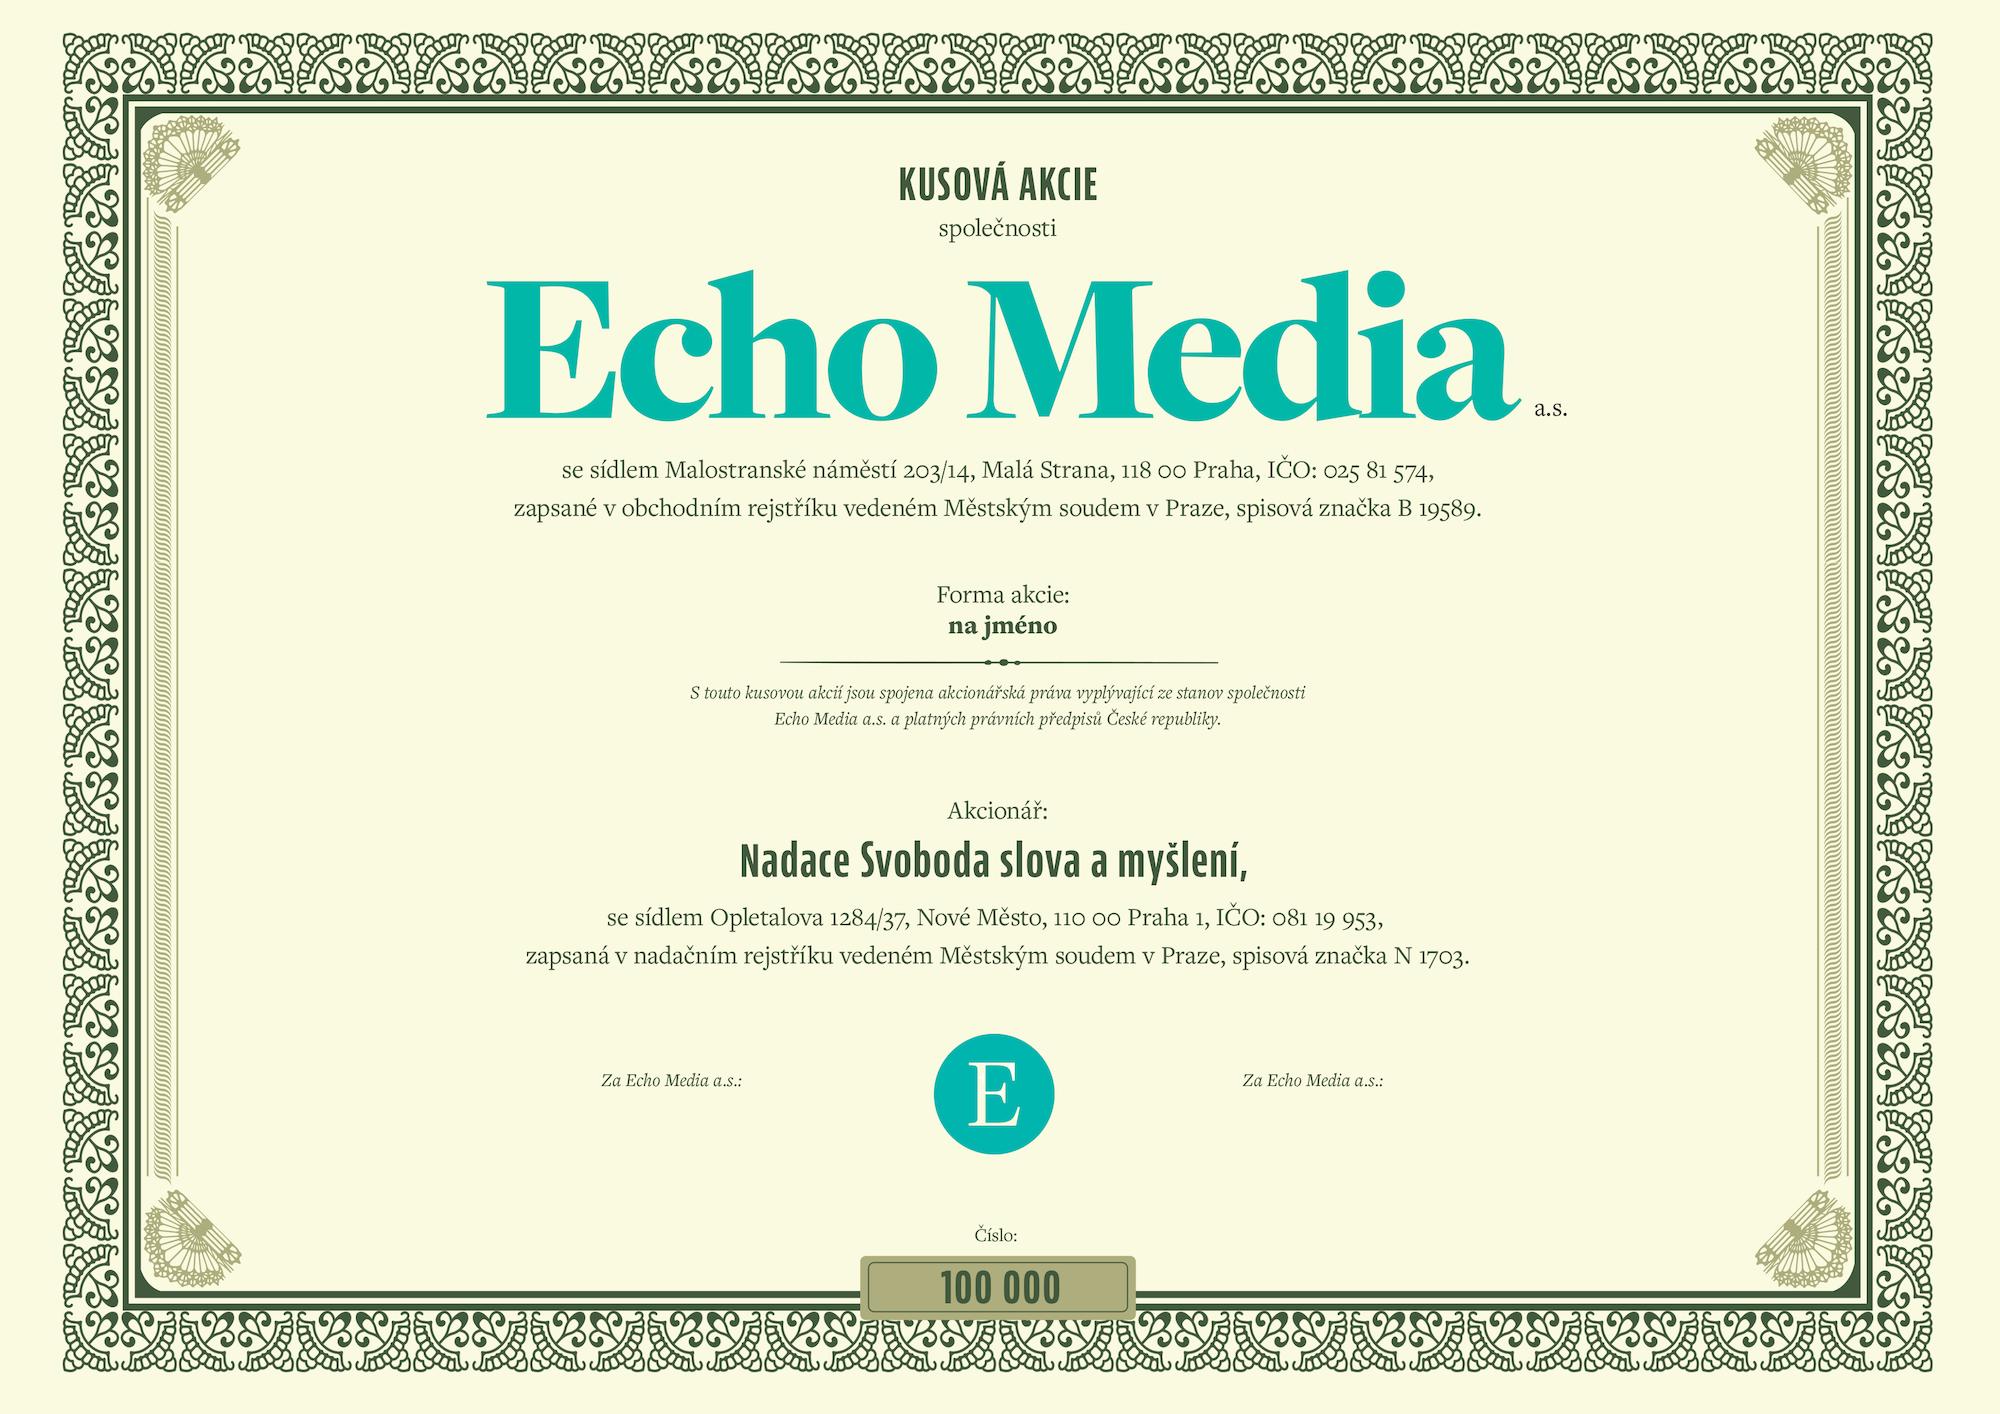 Vzorová akcie Echo Media